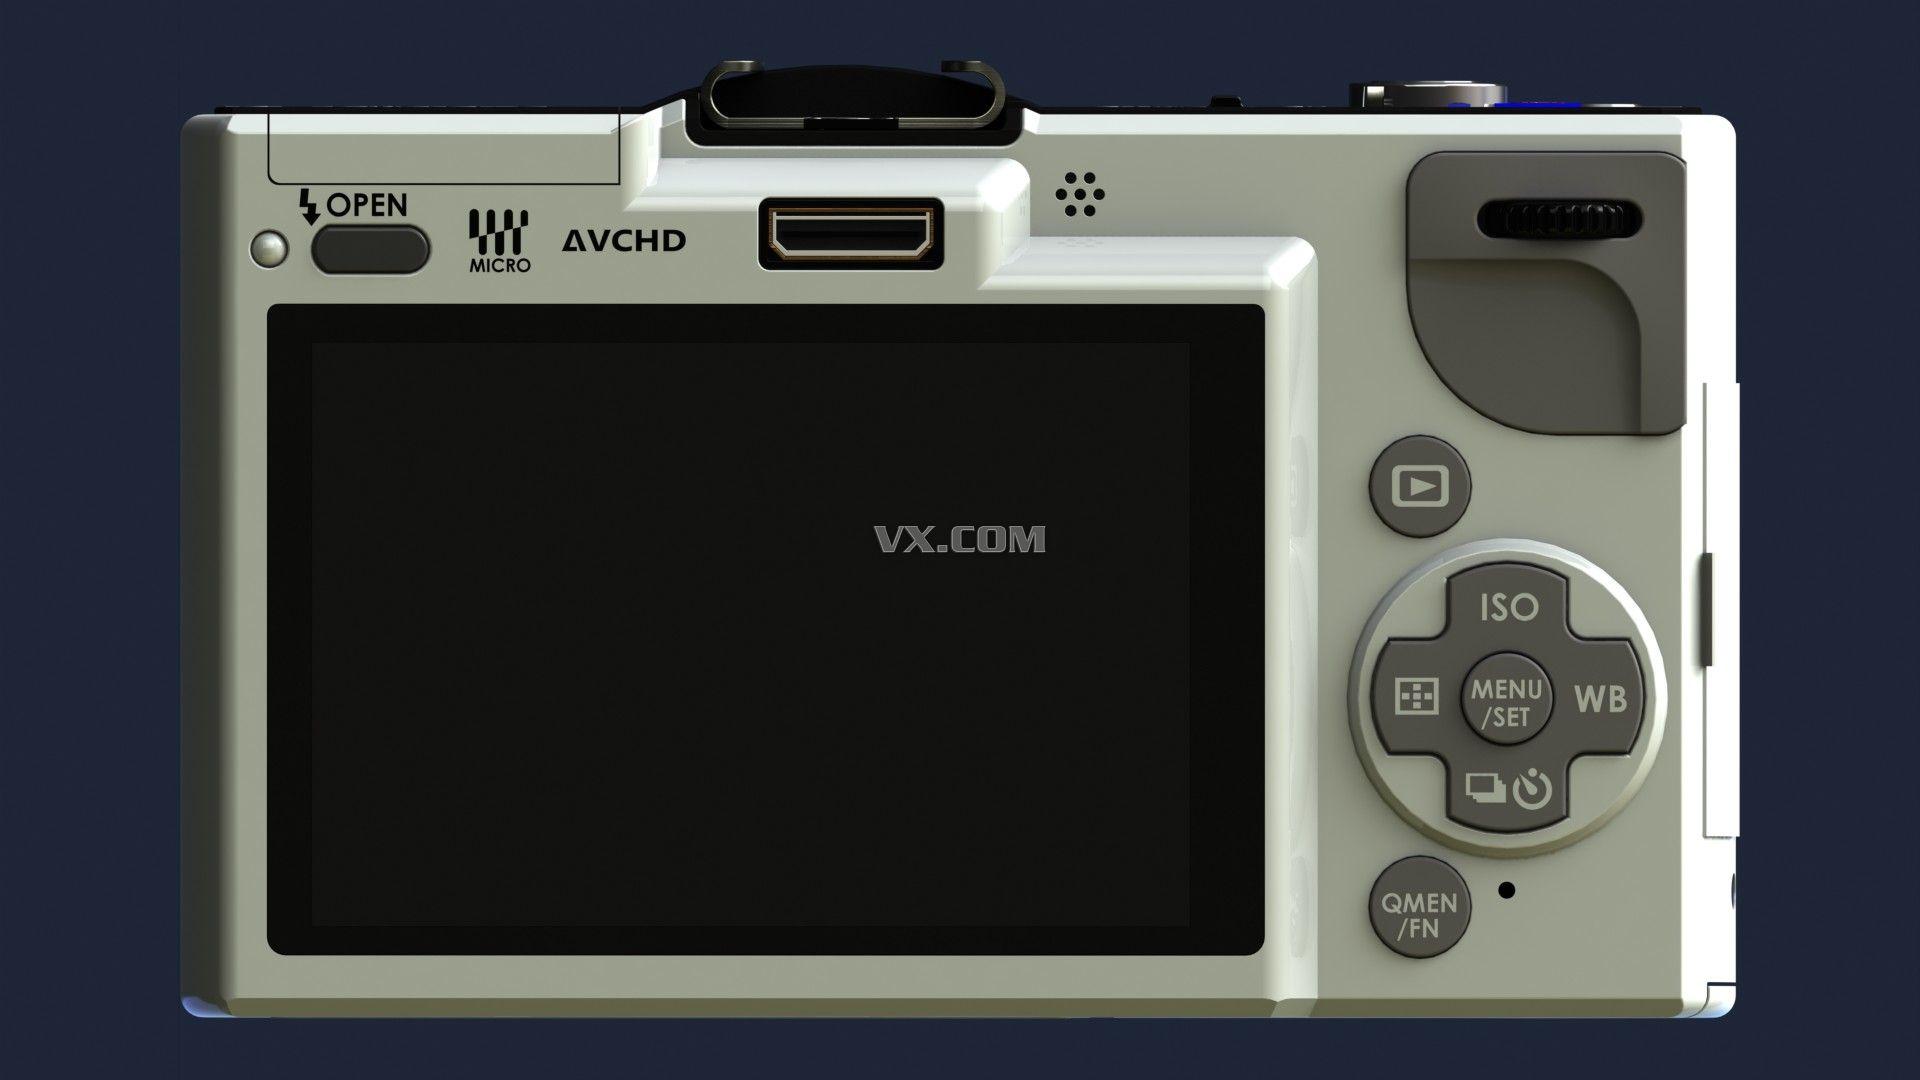 数码相机_solidworks_数码电子_3d模型_图纸下载_微小